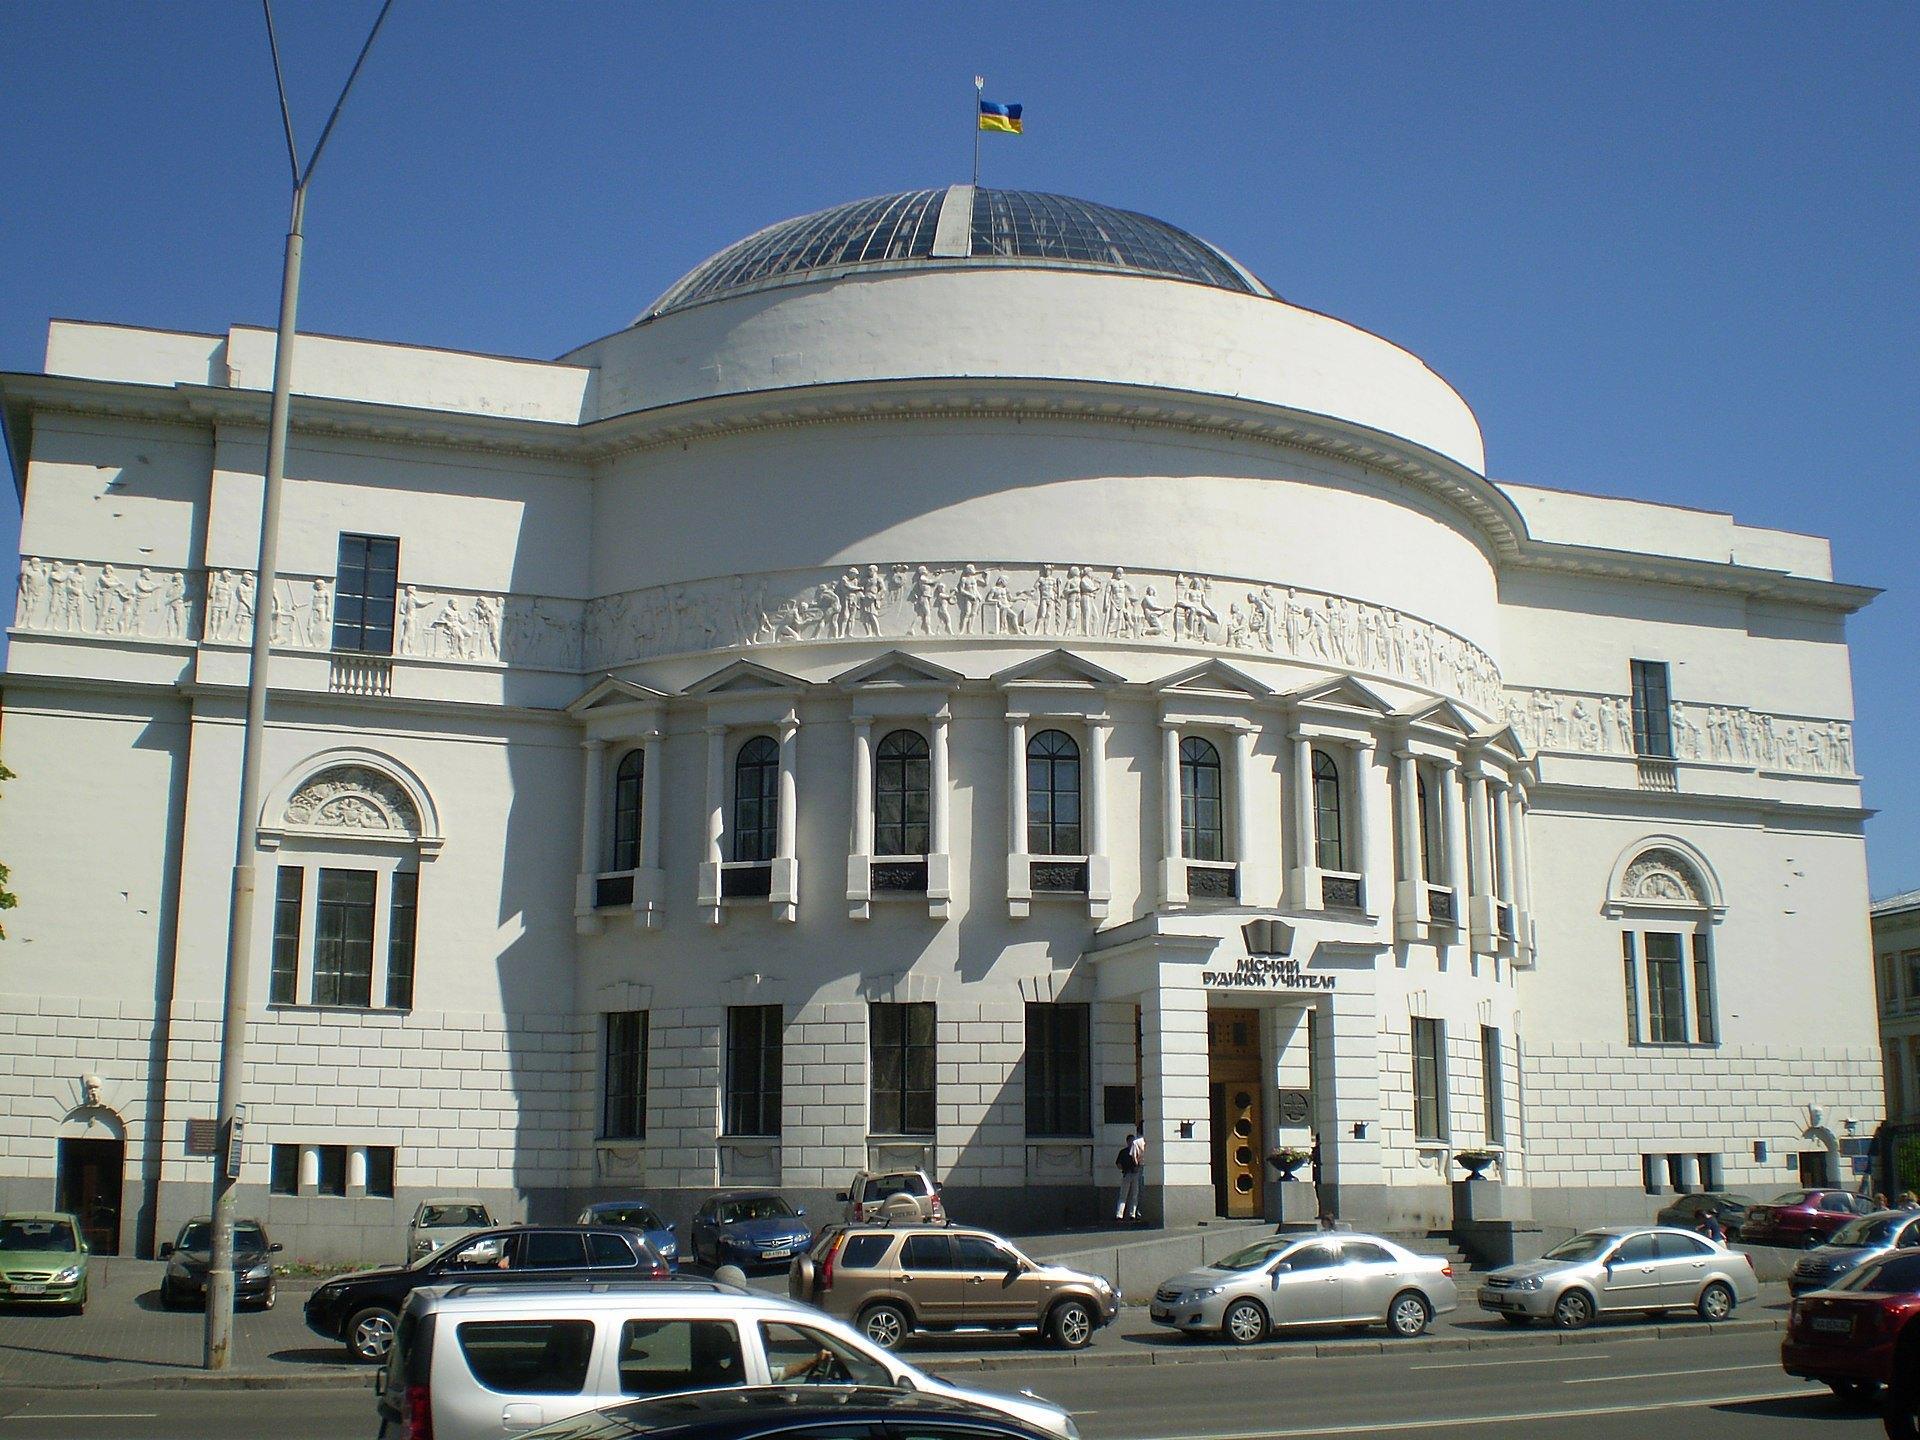 Київський міський будинок учителя ( колишній Педагогічний музей)